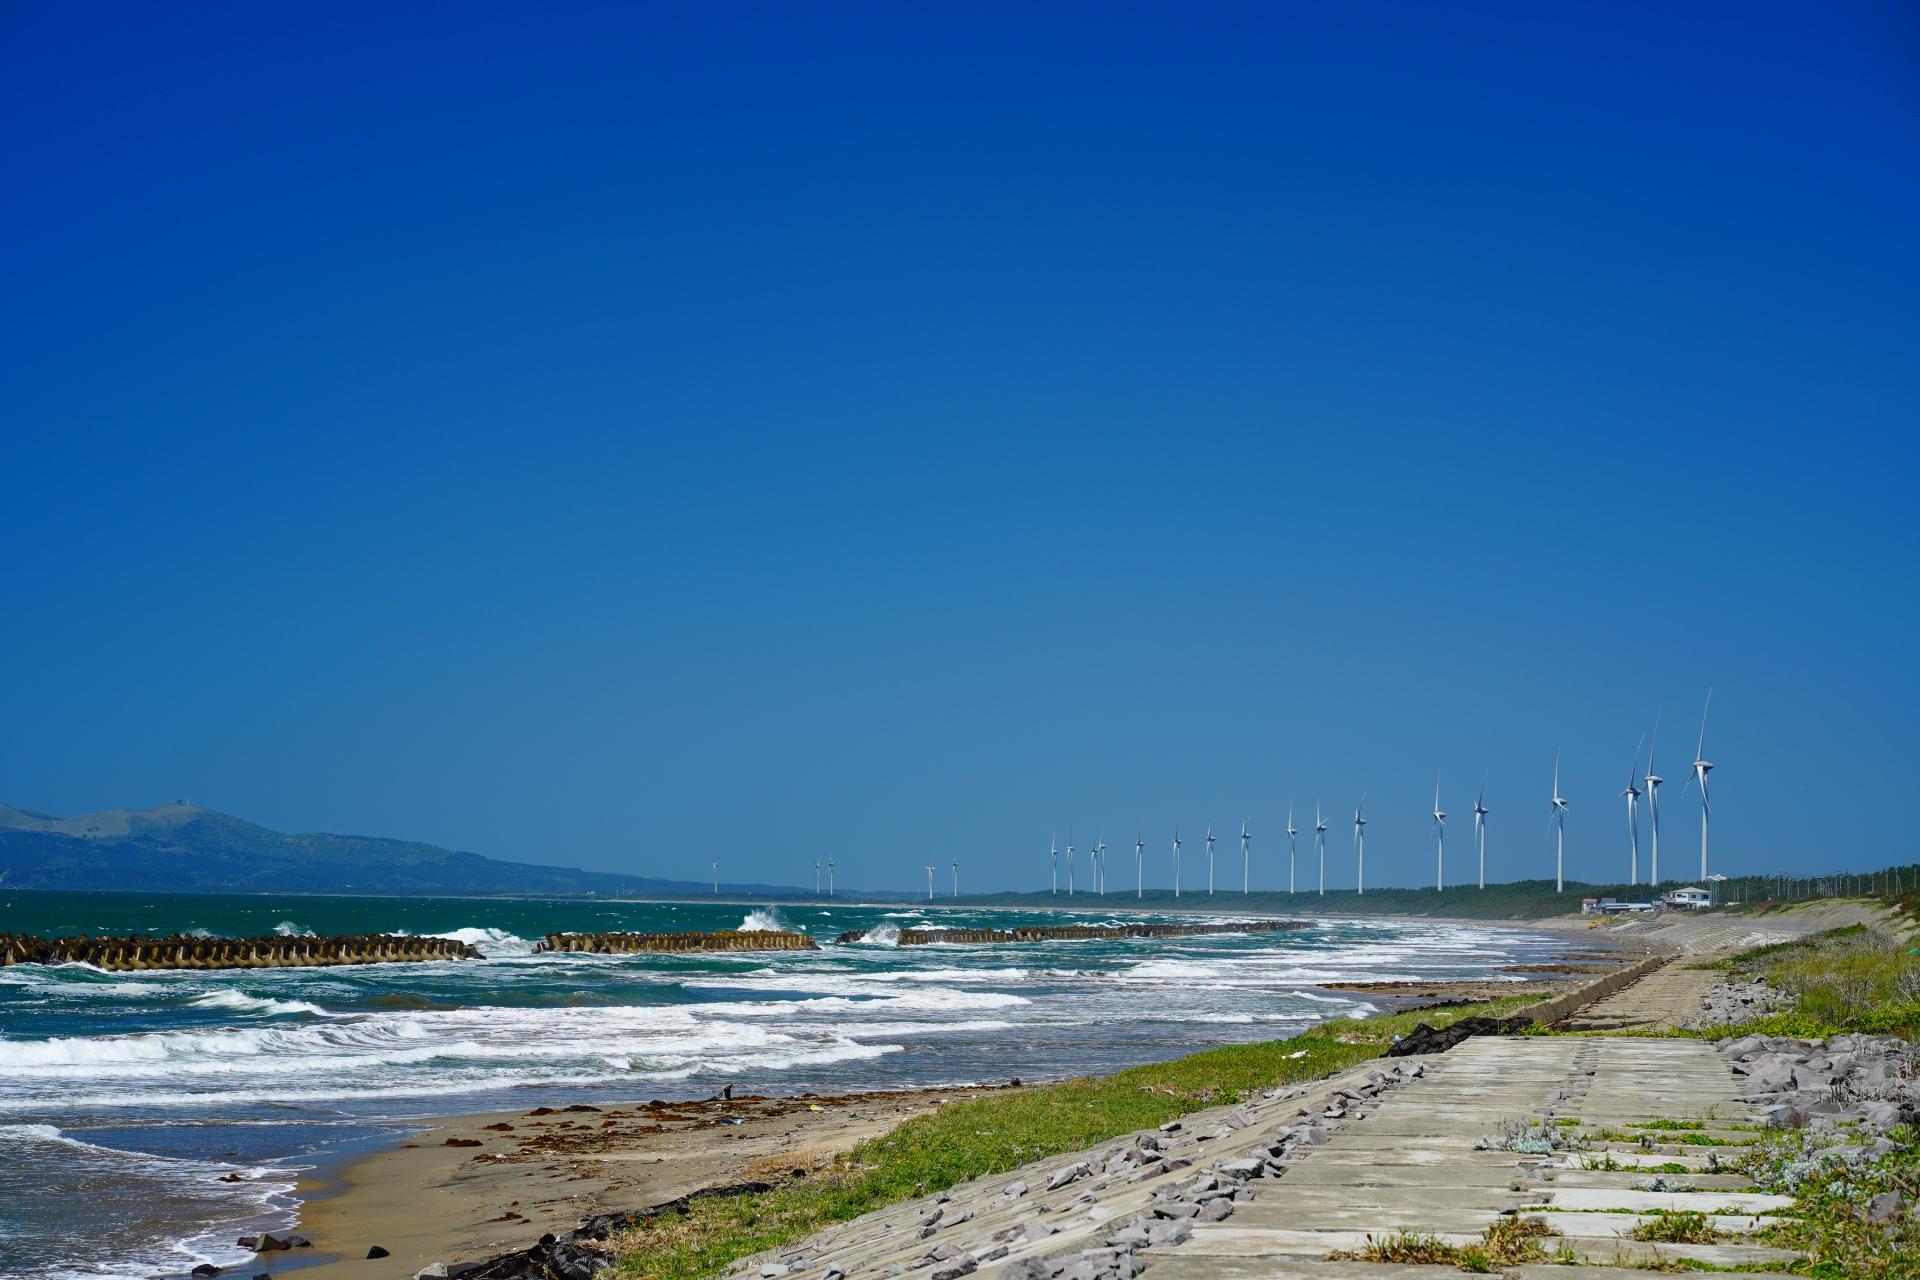 秋田男鹿自転車道からの風車